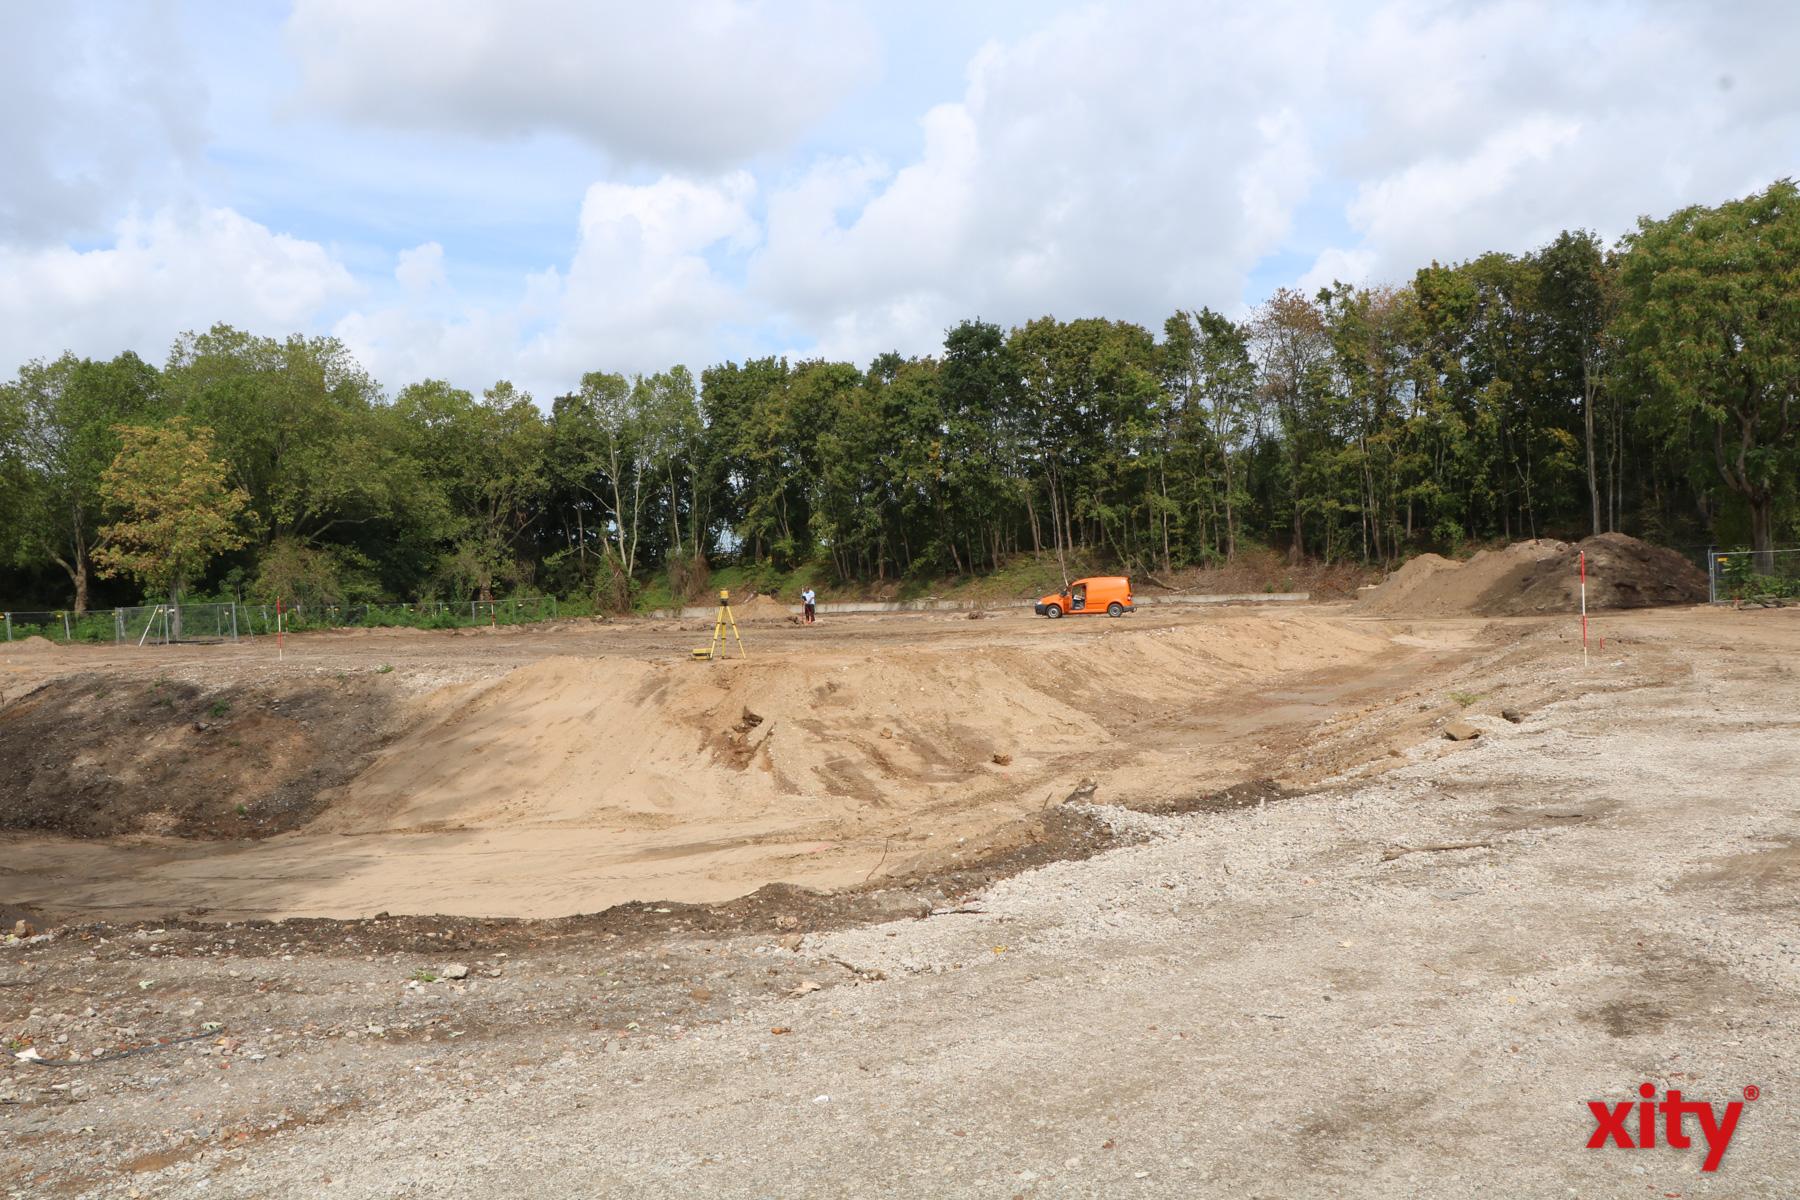 Auf diesem leeren Baufeld entsteht die neue Gemeinschaftshauptschule Benrath (Foto: xity)